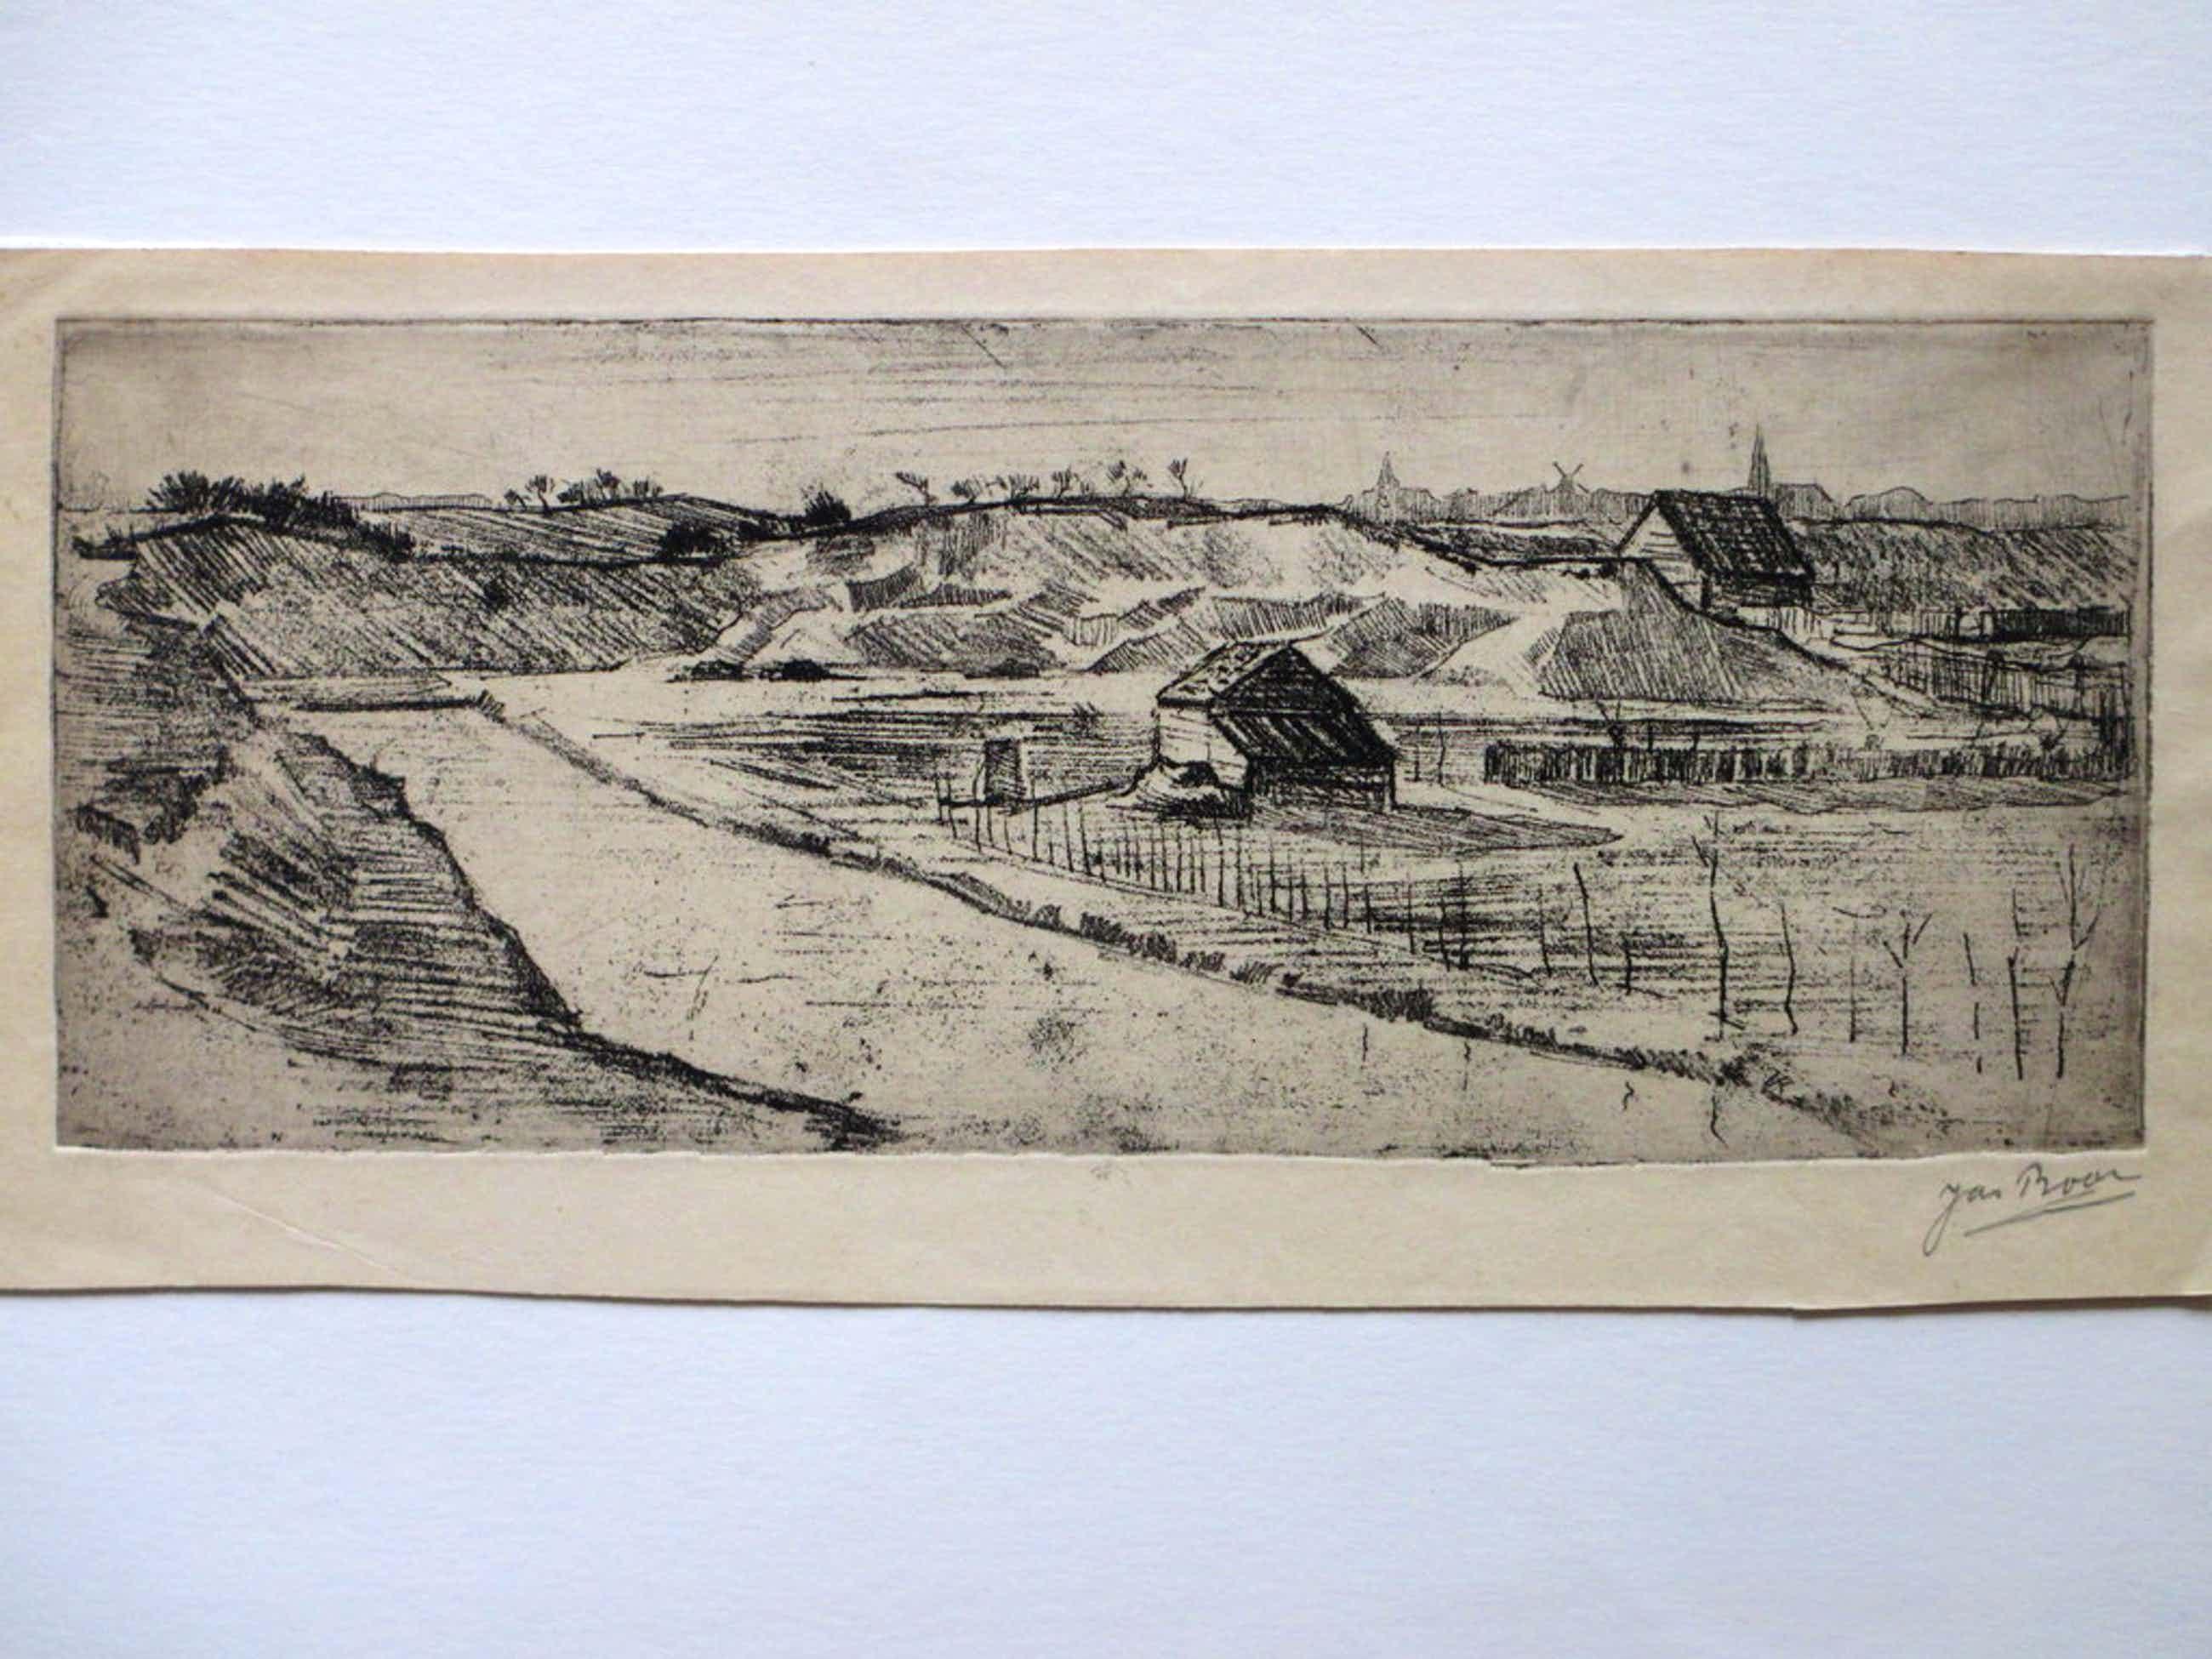 Jan Boon, Landschap achter de duinen, Ets kopen? Bied vanaf 40!